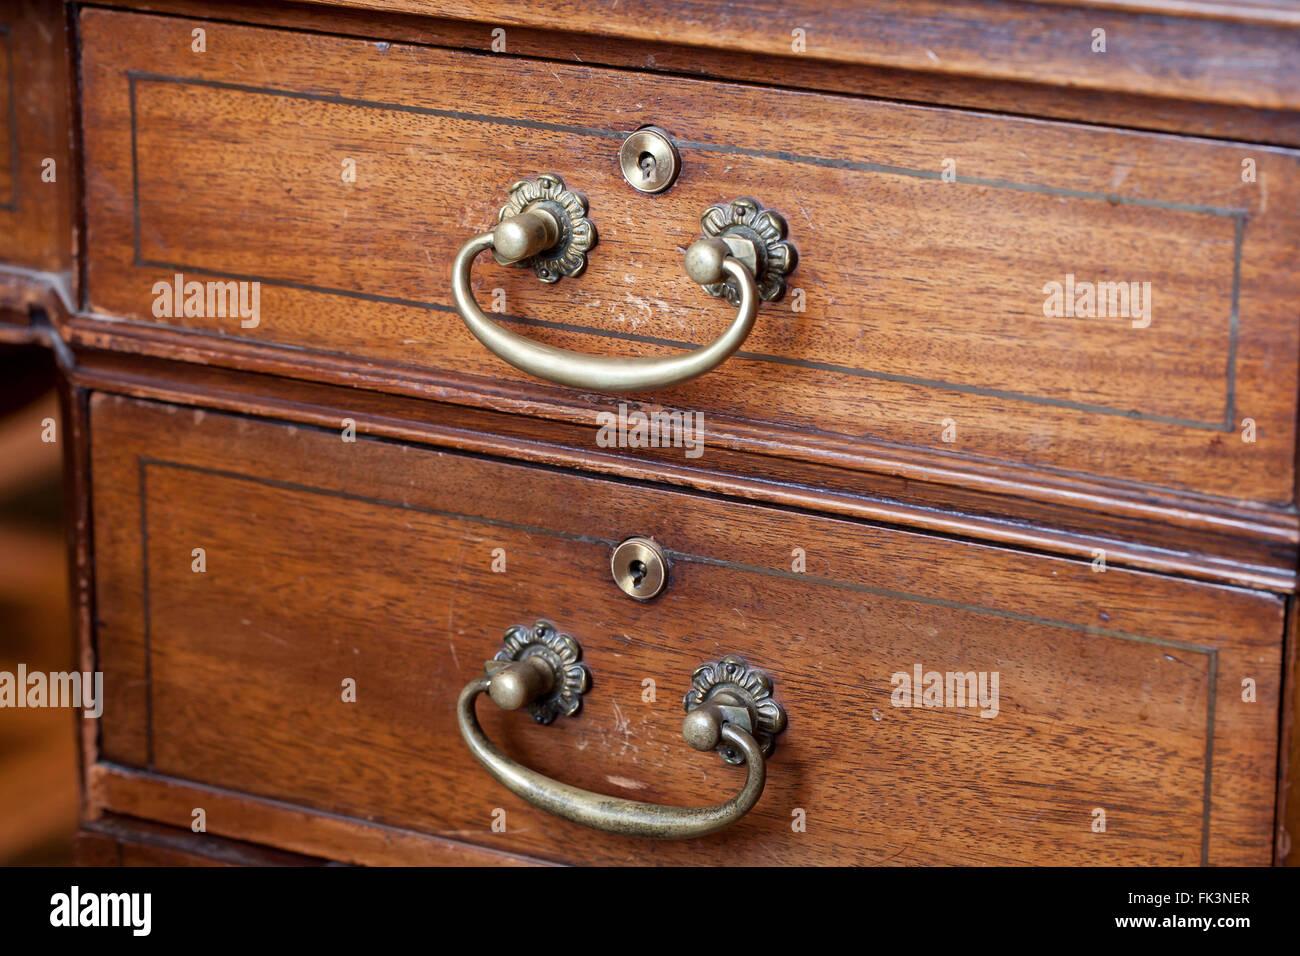 Poignées de tiroir Vintage sur un bureau en bois - France Photo Stock